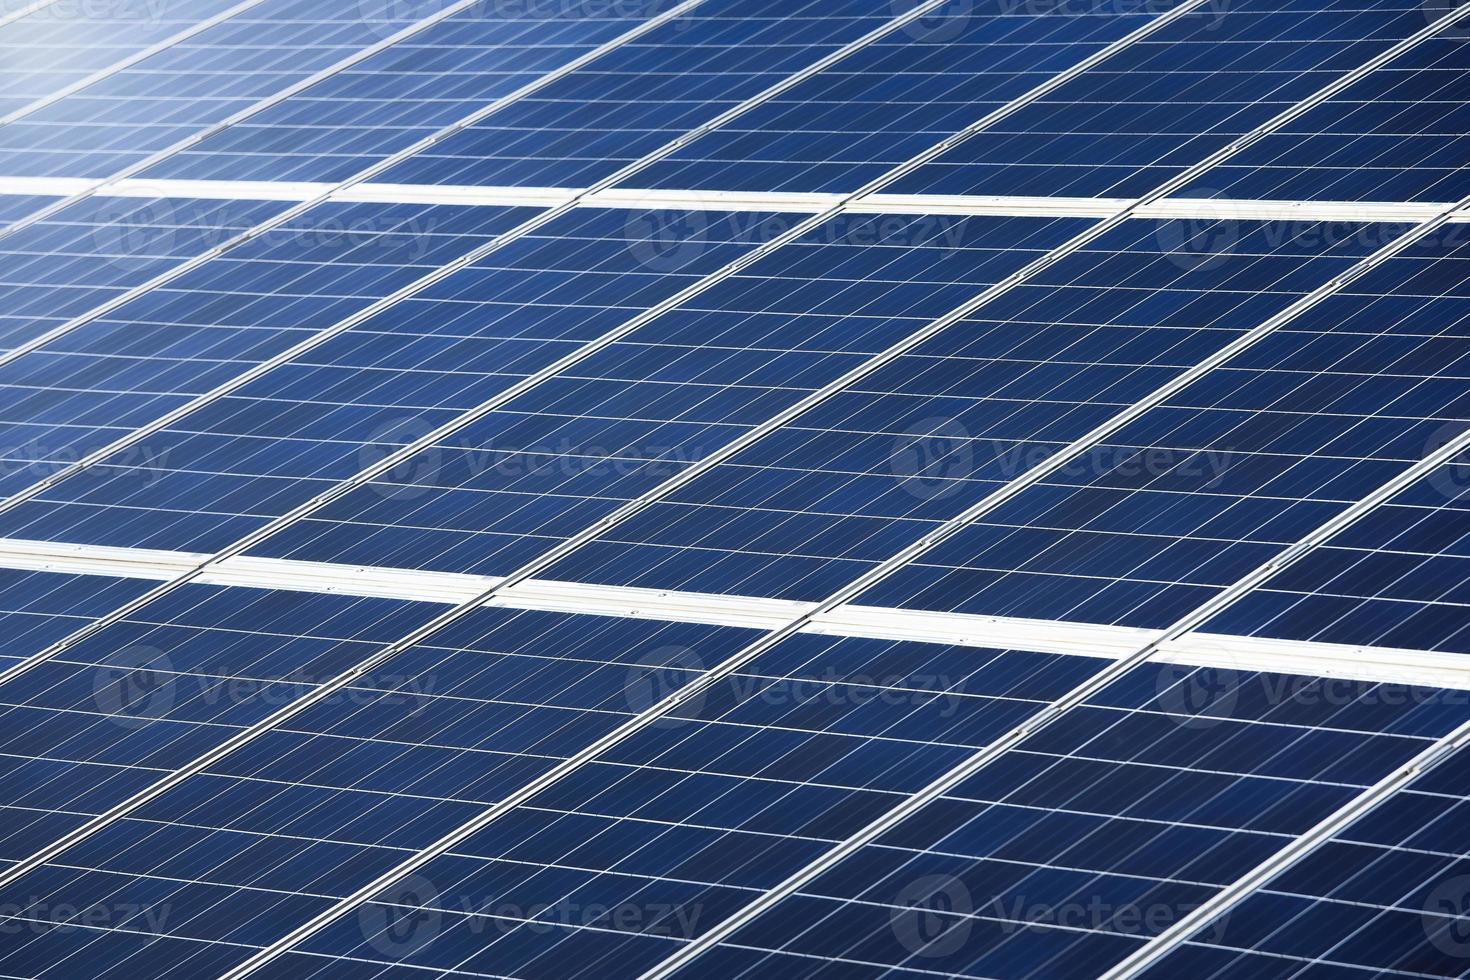 panel fotovoltaico para textura o patrón de generación de energía foto